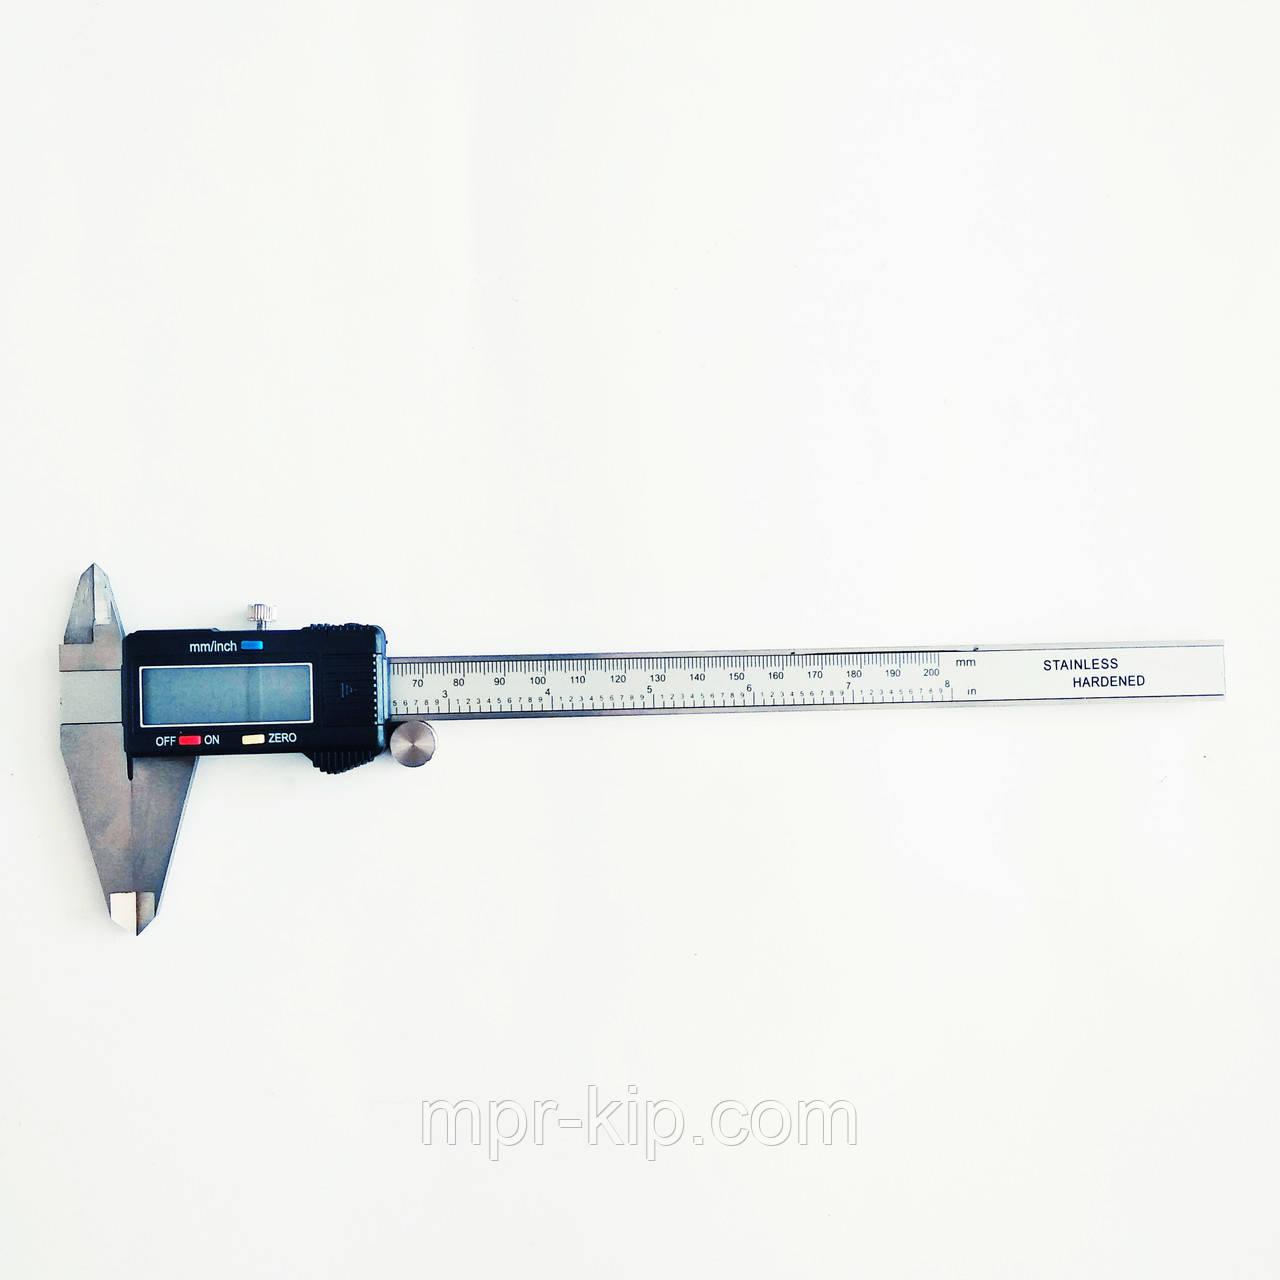 Штангенциркуль электронный KM-DSK-200 (0-200/0,01 мм; ±0.02 мм) с бегунком. C сертификатом от производителя